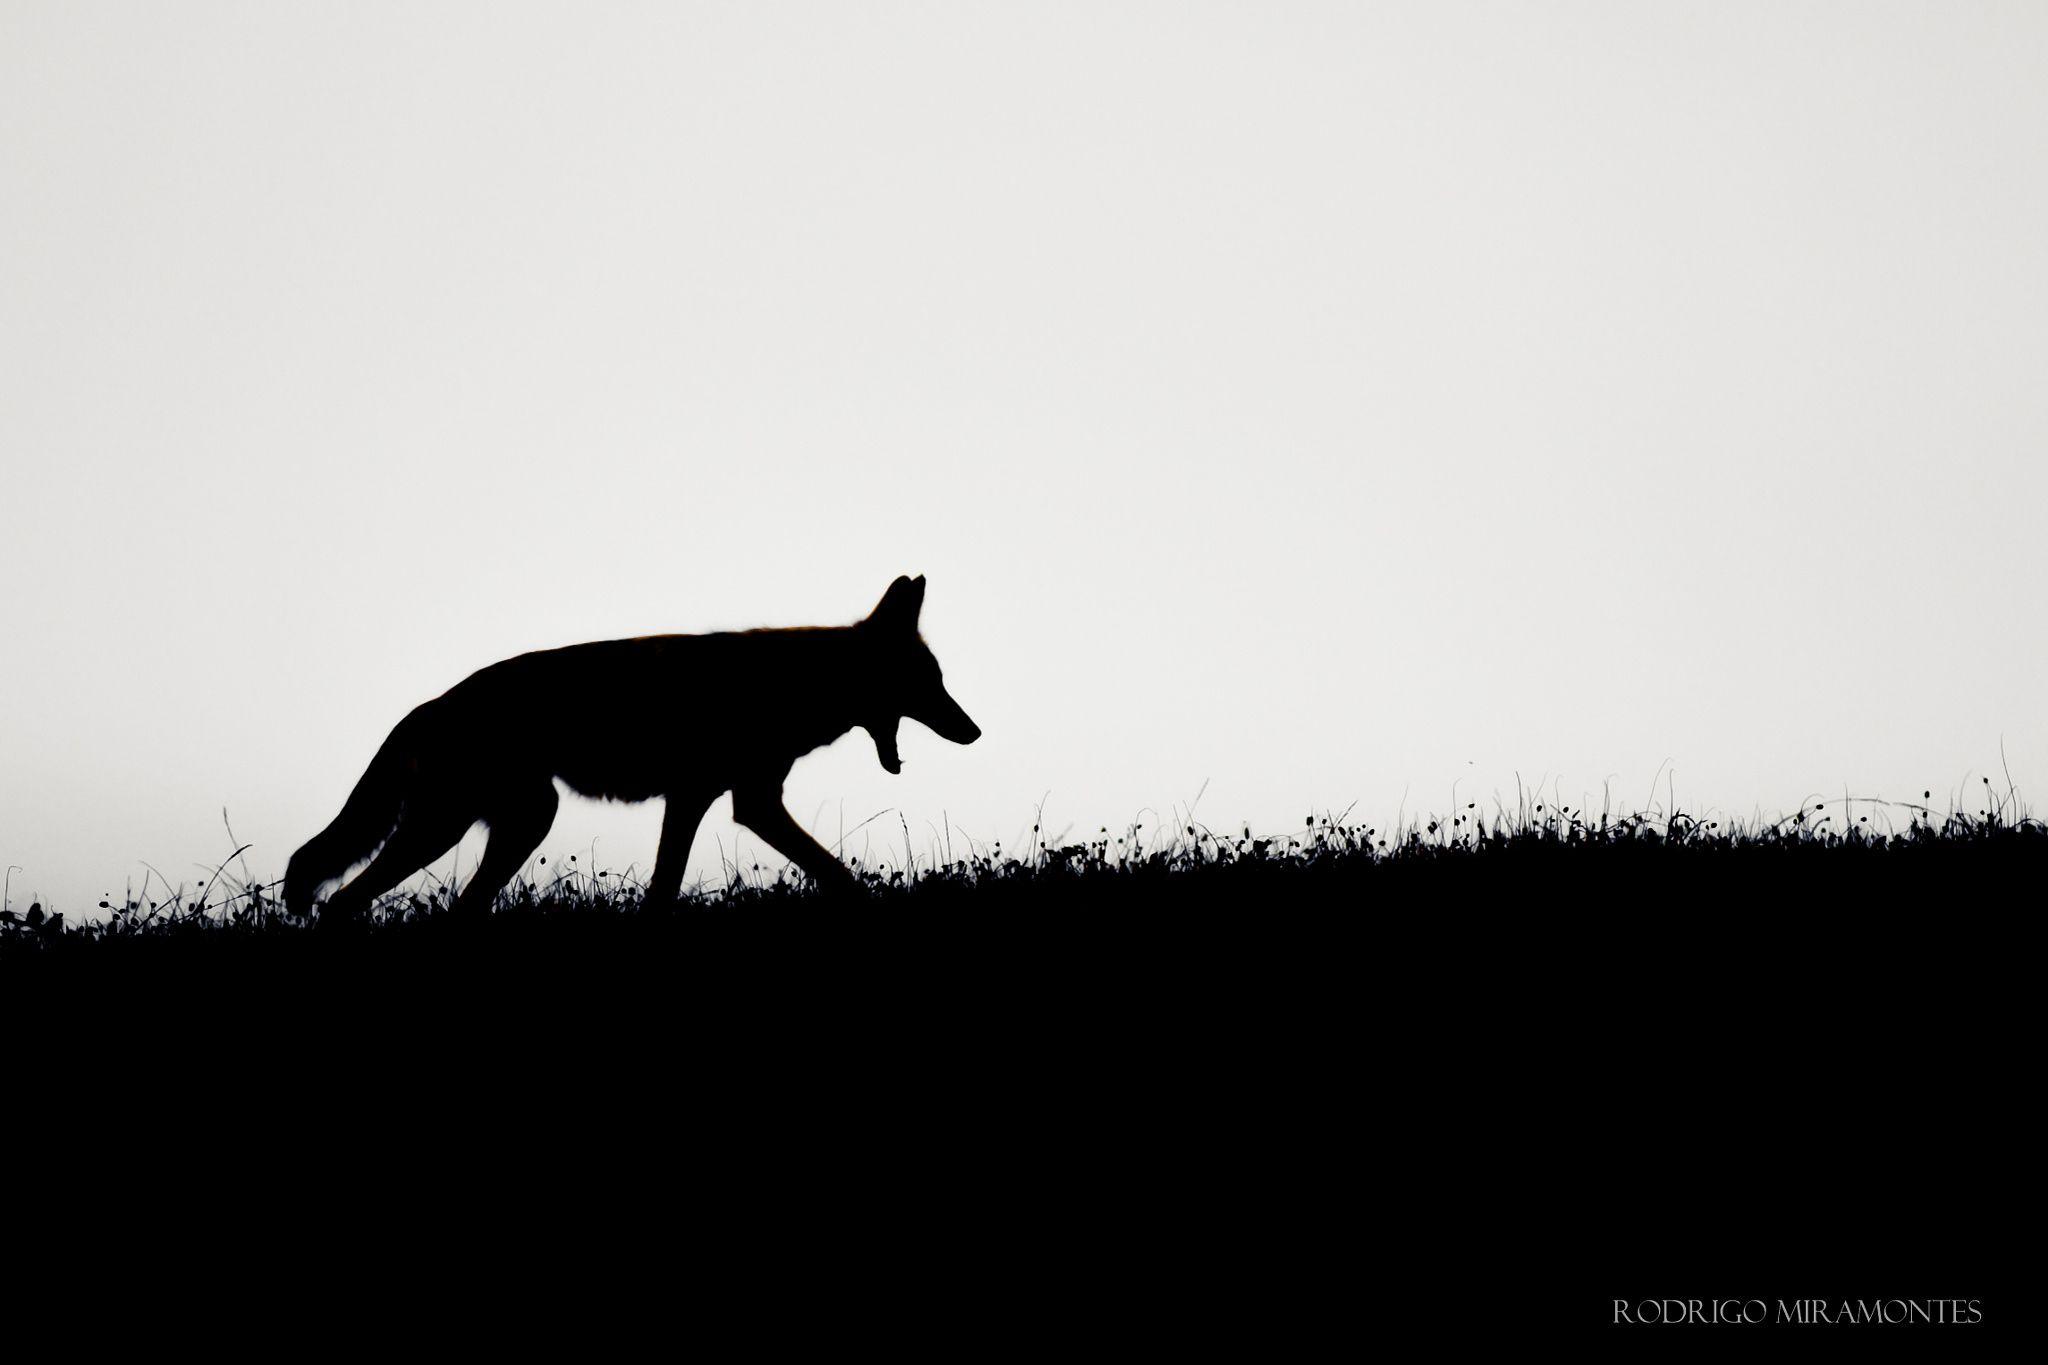 Coyote on the hunt by Rodrigo Miramontes on 500px Coyote